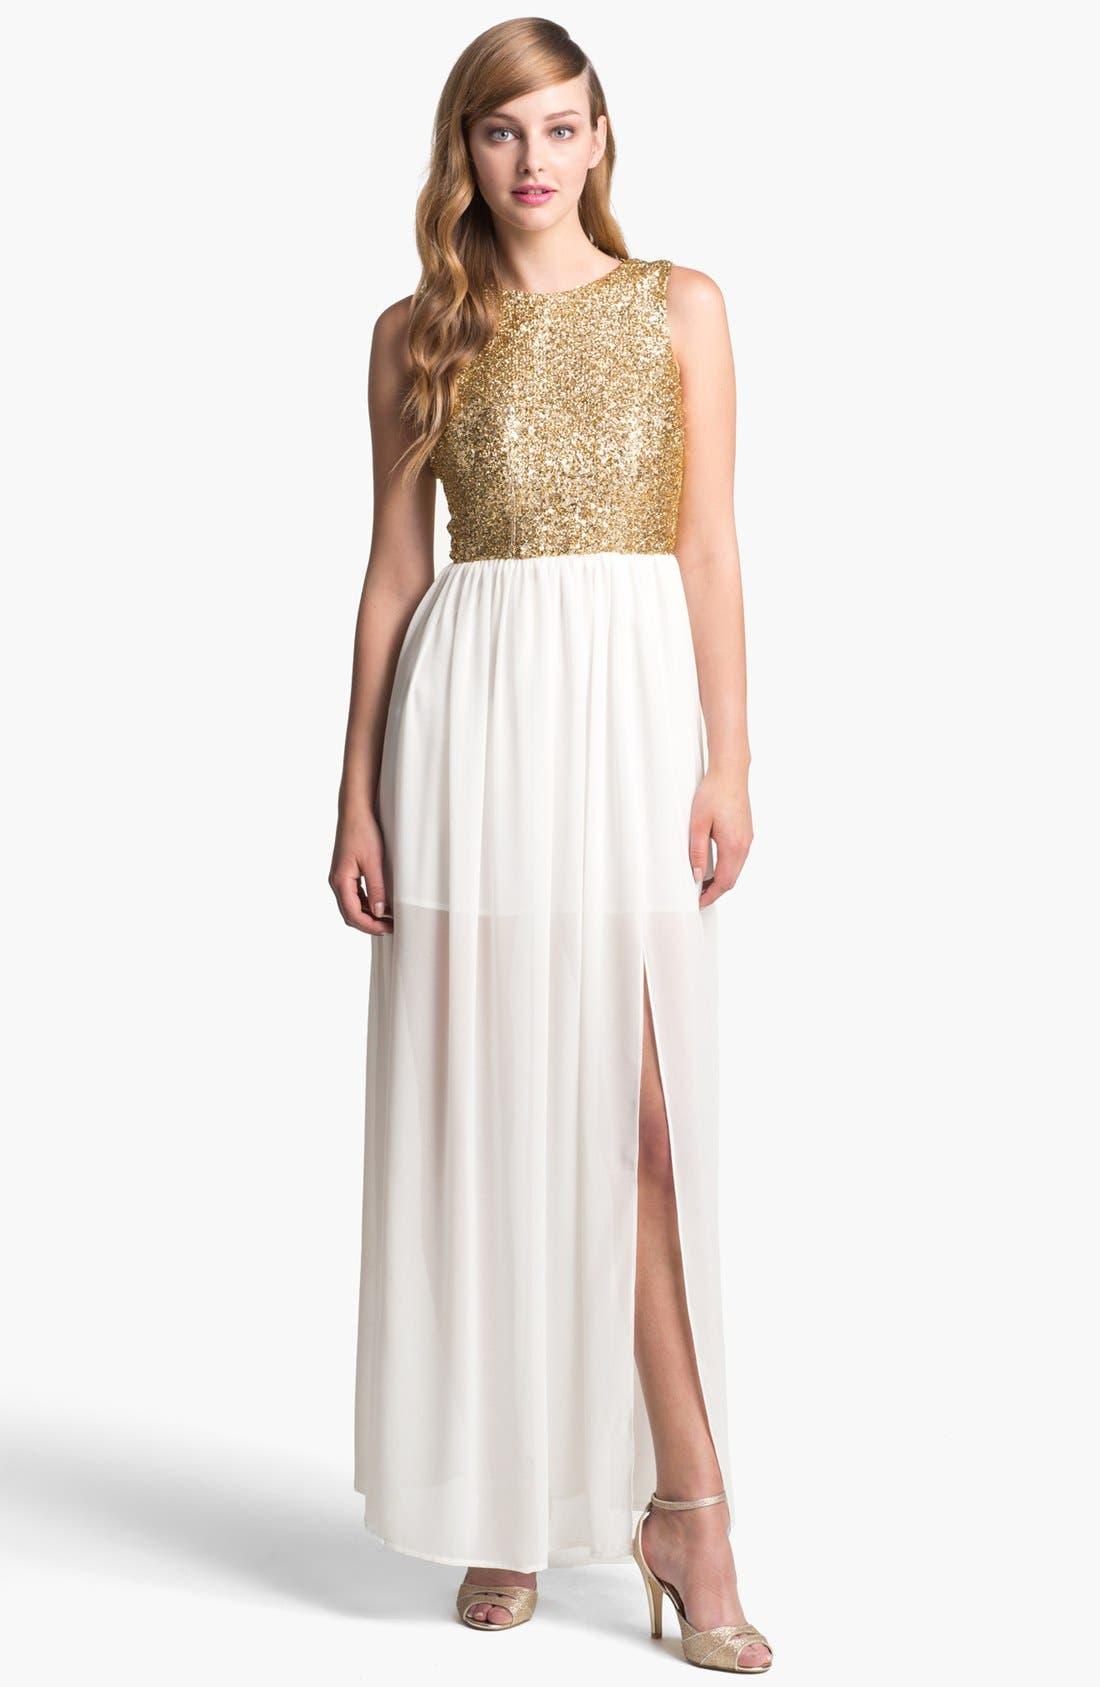 Main Image - Keepsake the Label 'Love Run By' Embellished Chiffon Maxi Dress